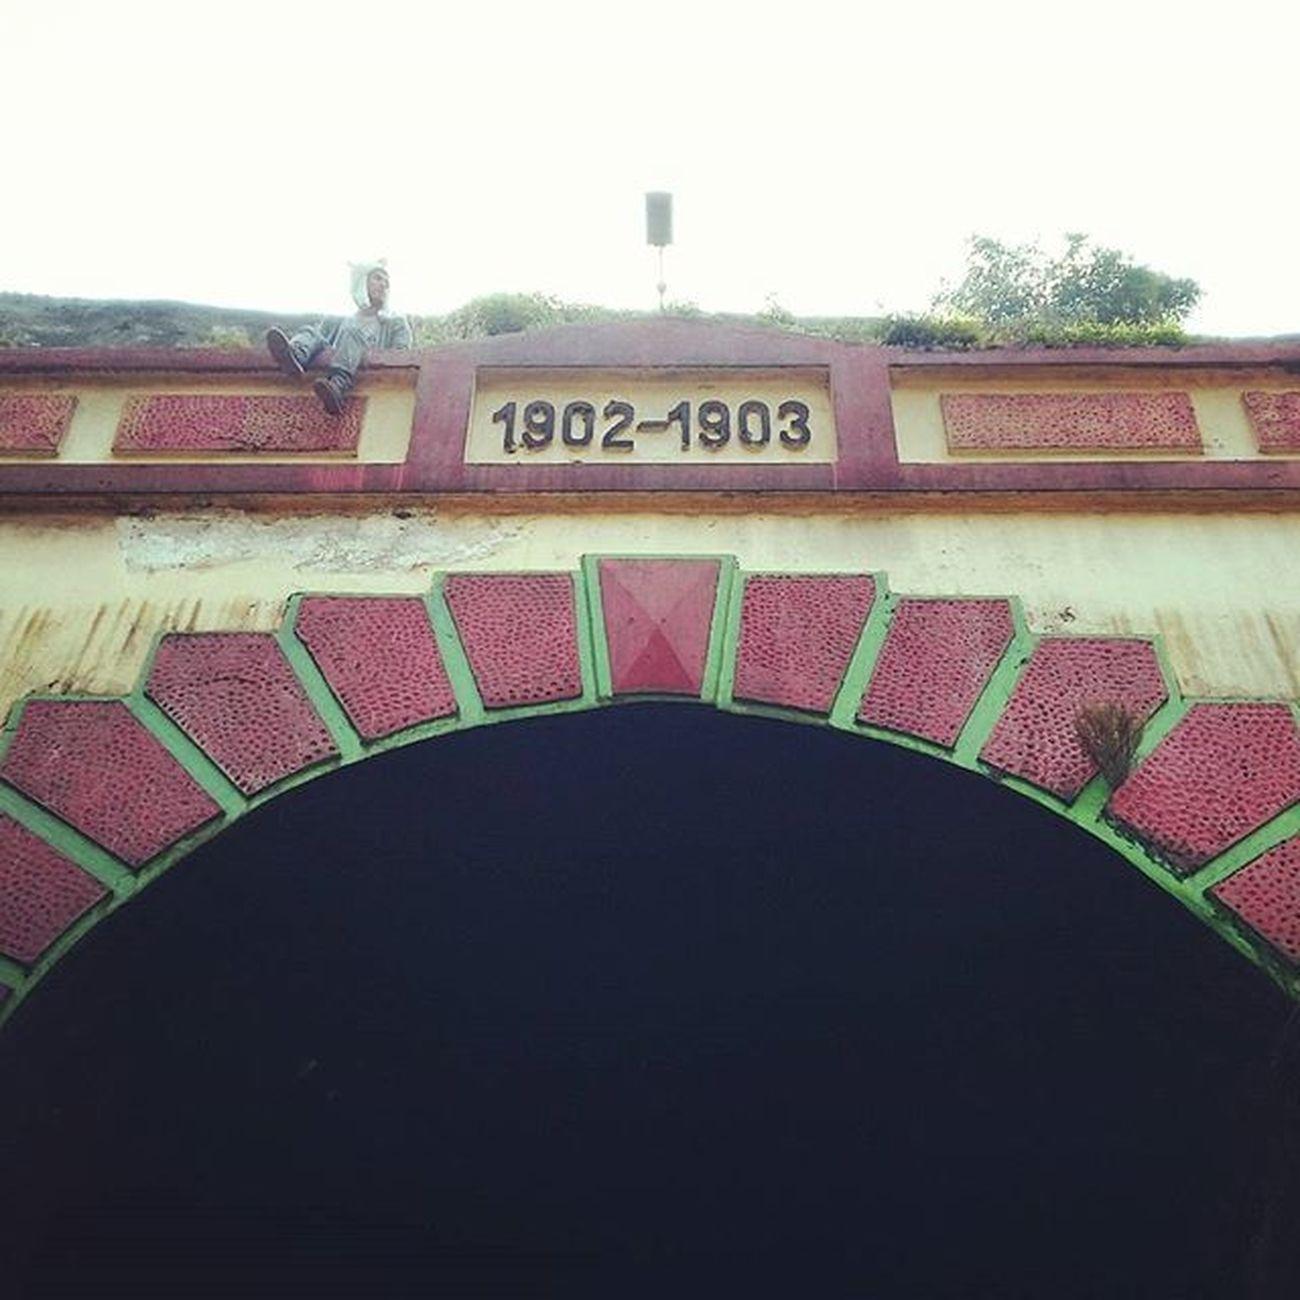 Sendiri dalam murung Rona terhalang tempurung Runyam diri mengisak Sandiwara tanpa jejak (SARASVATI - IVANNA) Ridwanderful JarambahBandung DiBawahLangitBandung BandungIsMe